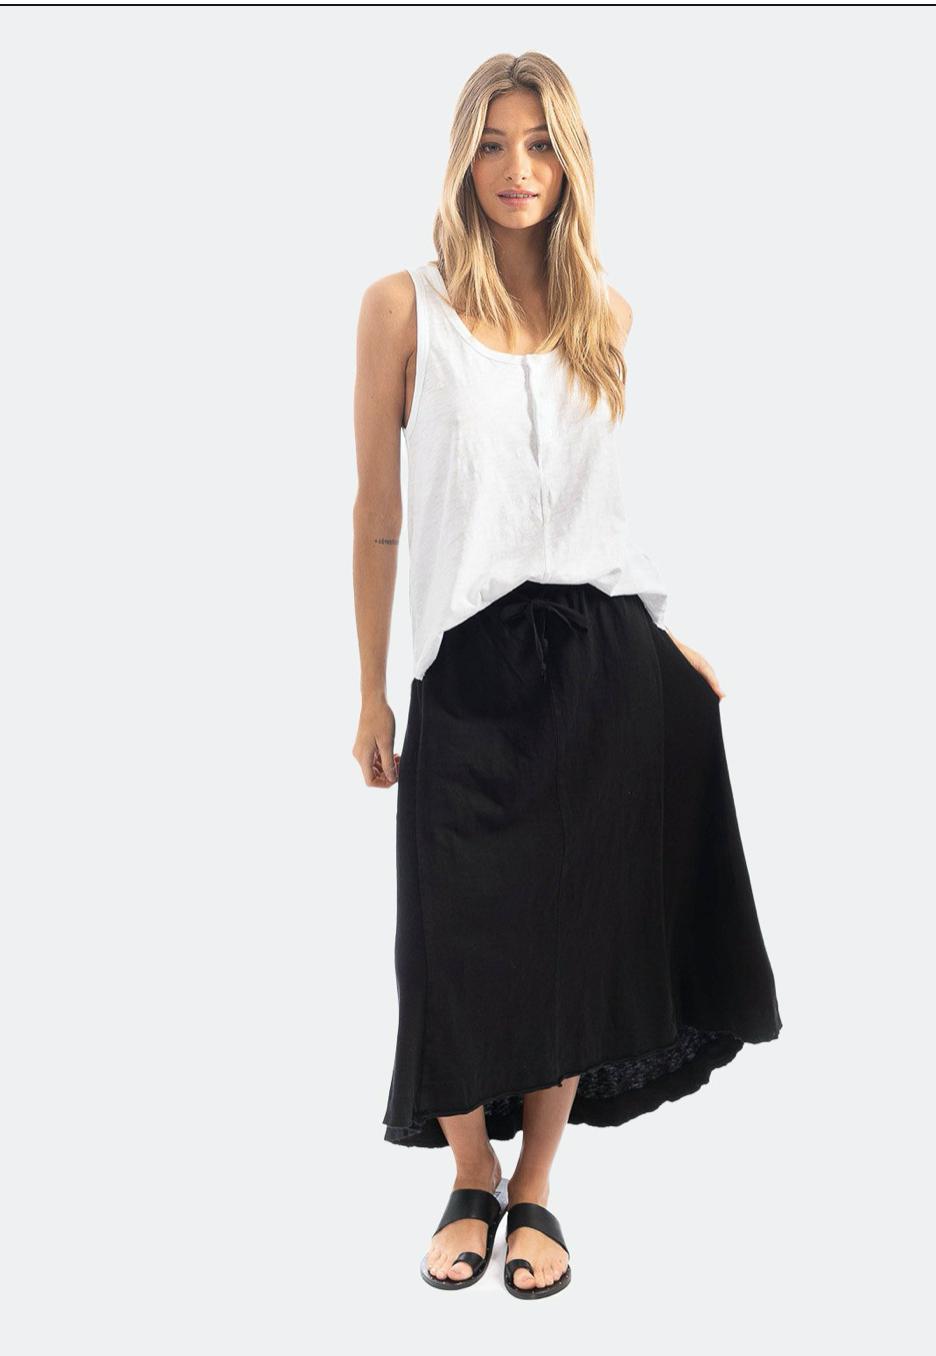 Blk Hi-Low Skirt